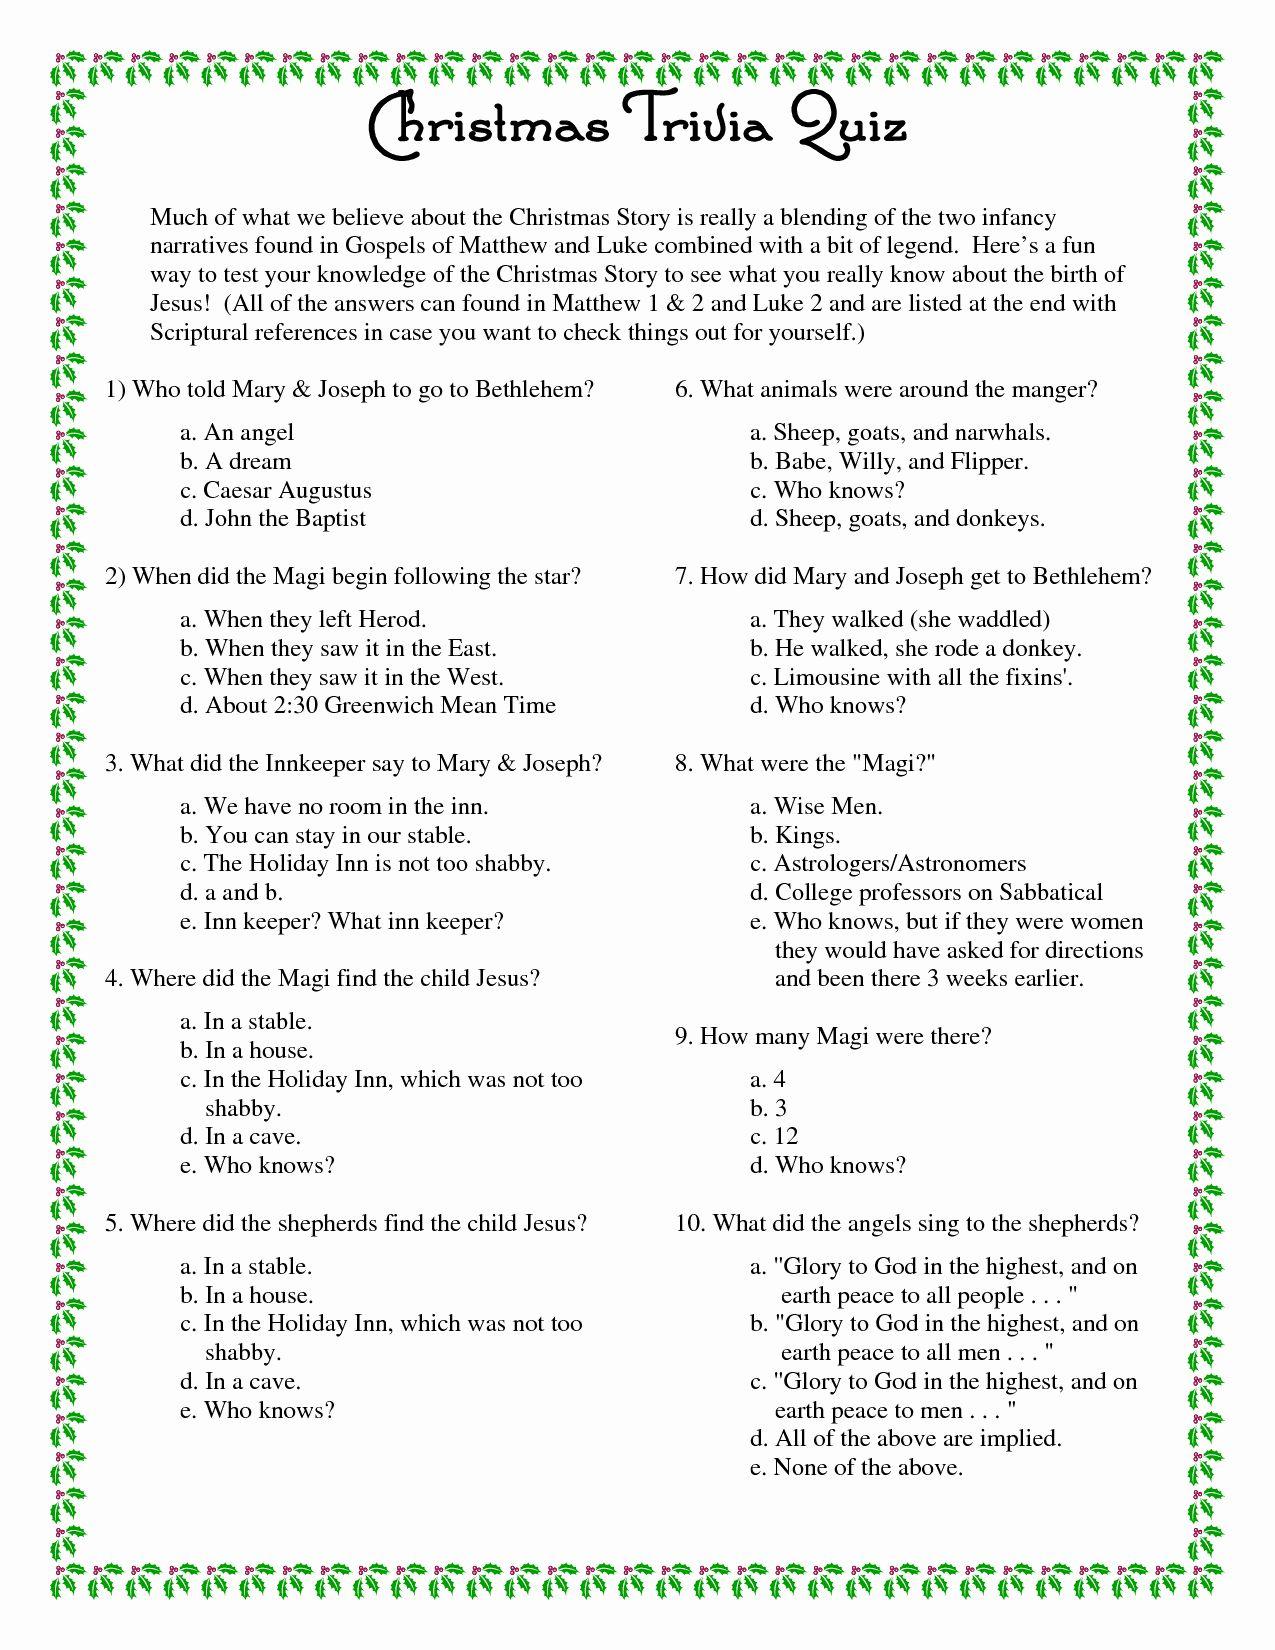 Pin on Christmas Trivia